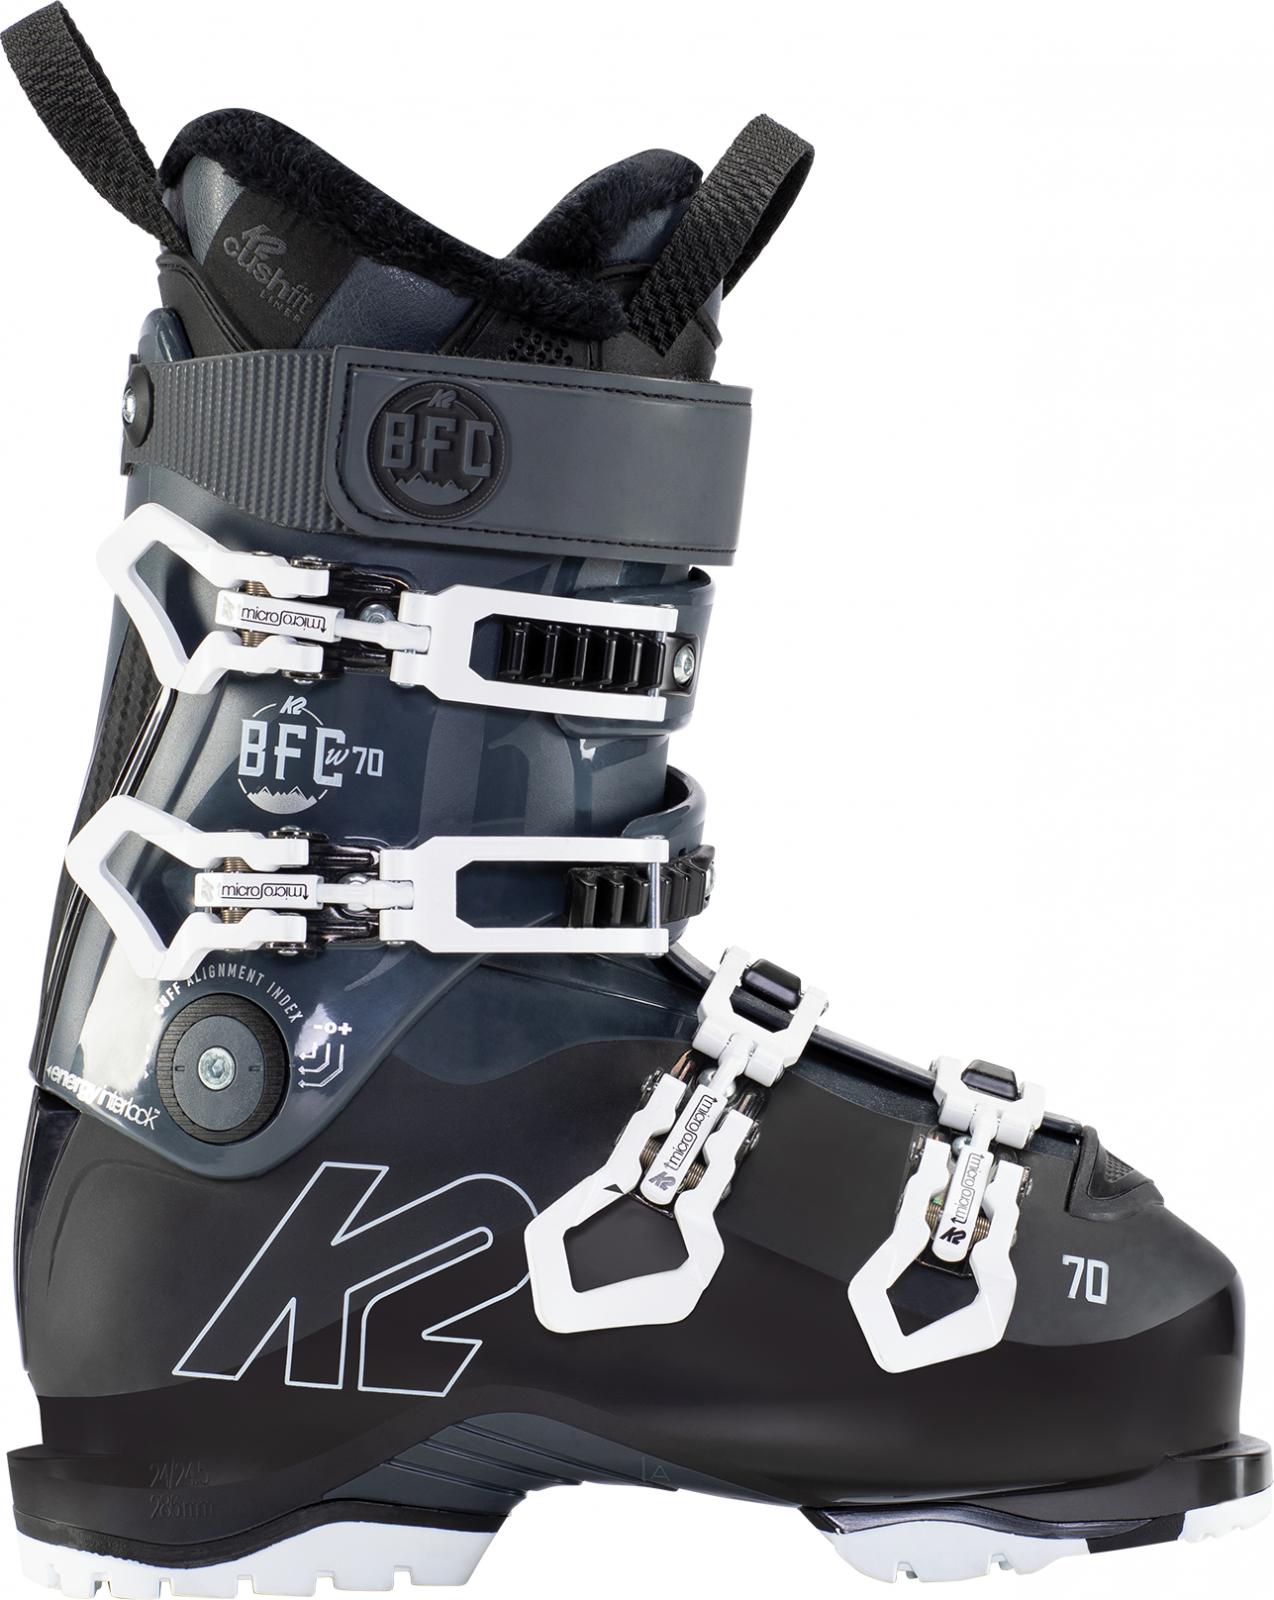 2021 K2 BFC W 70 Women's Ski Boots